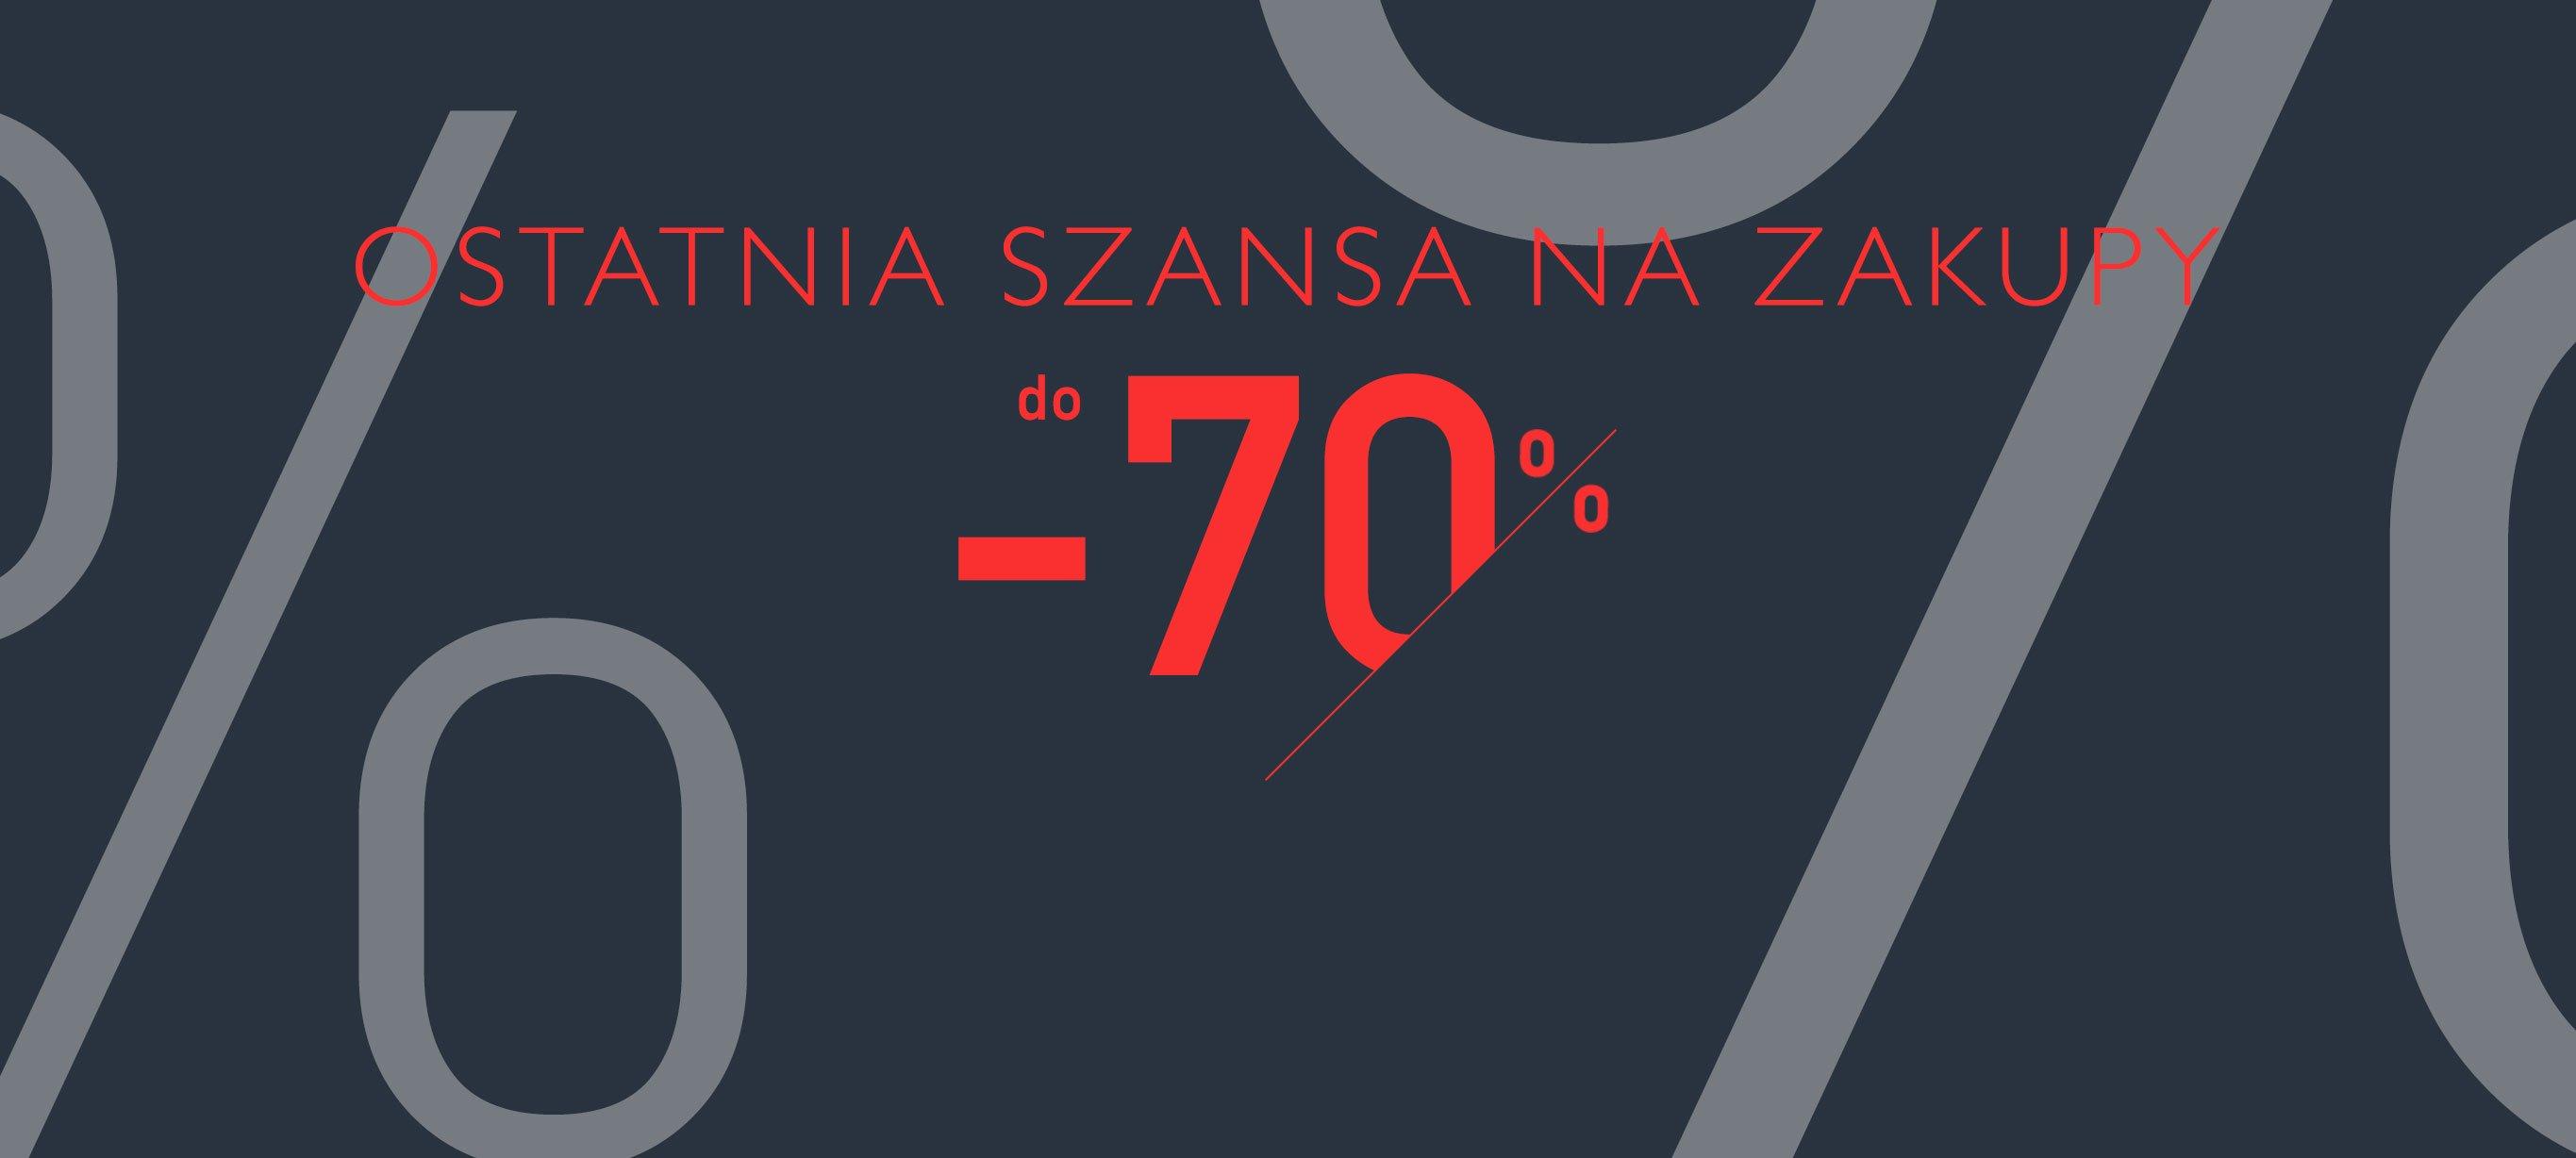 Intimissimi: wyprzedaż 70% rabatu na 3 produkty z wyprzedaży                         title=